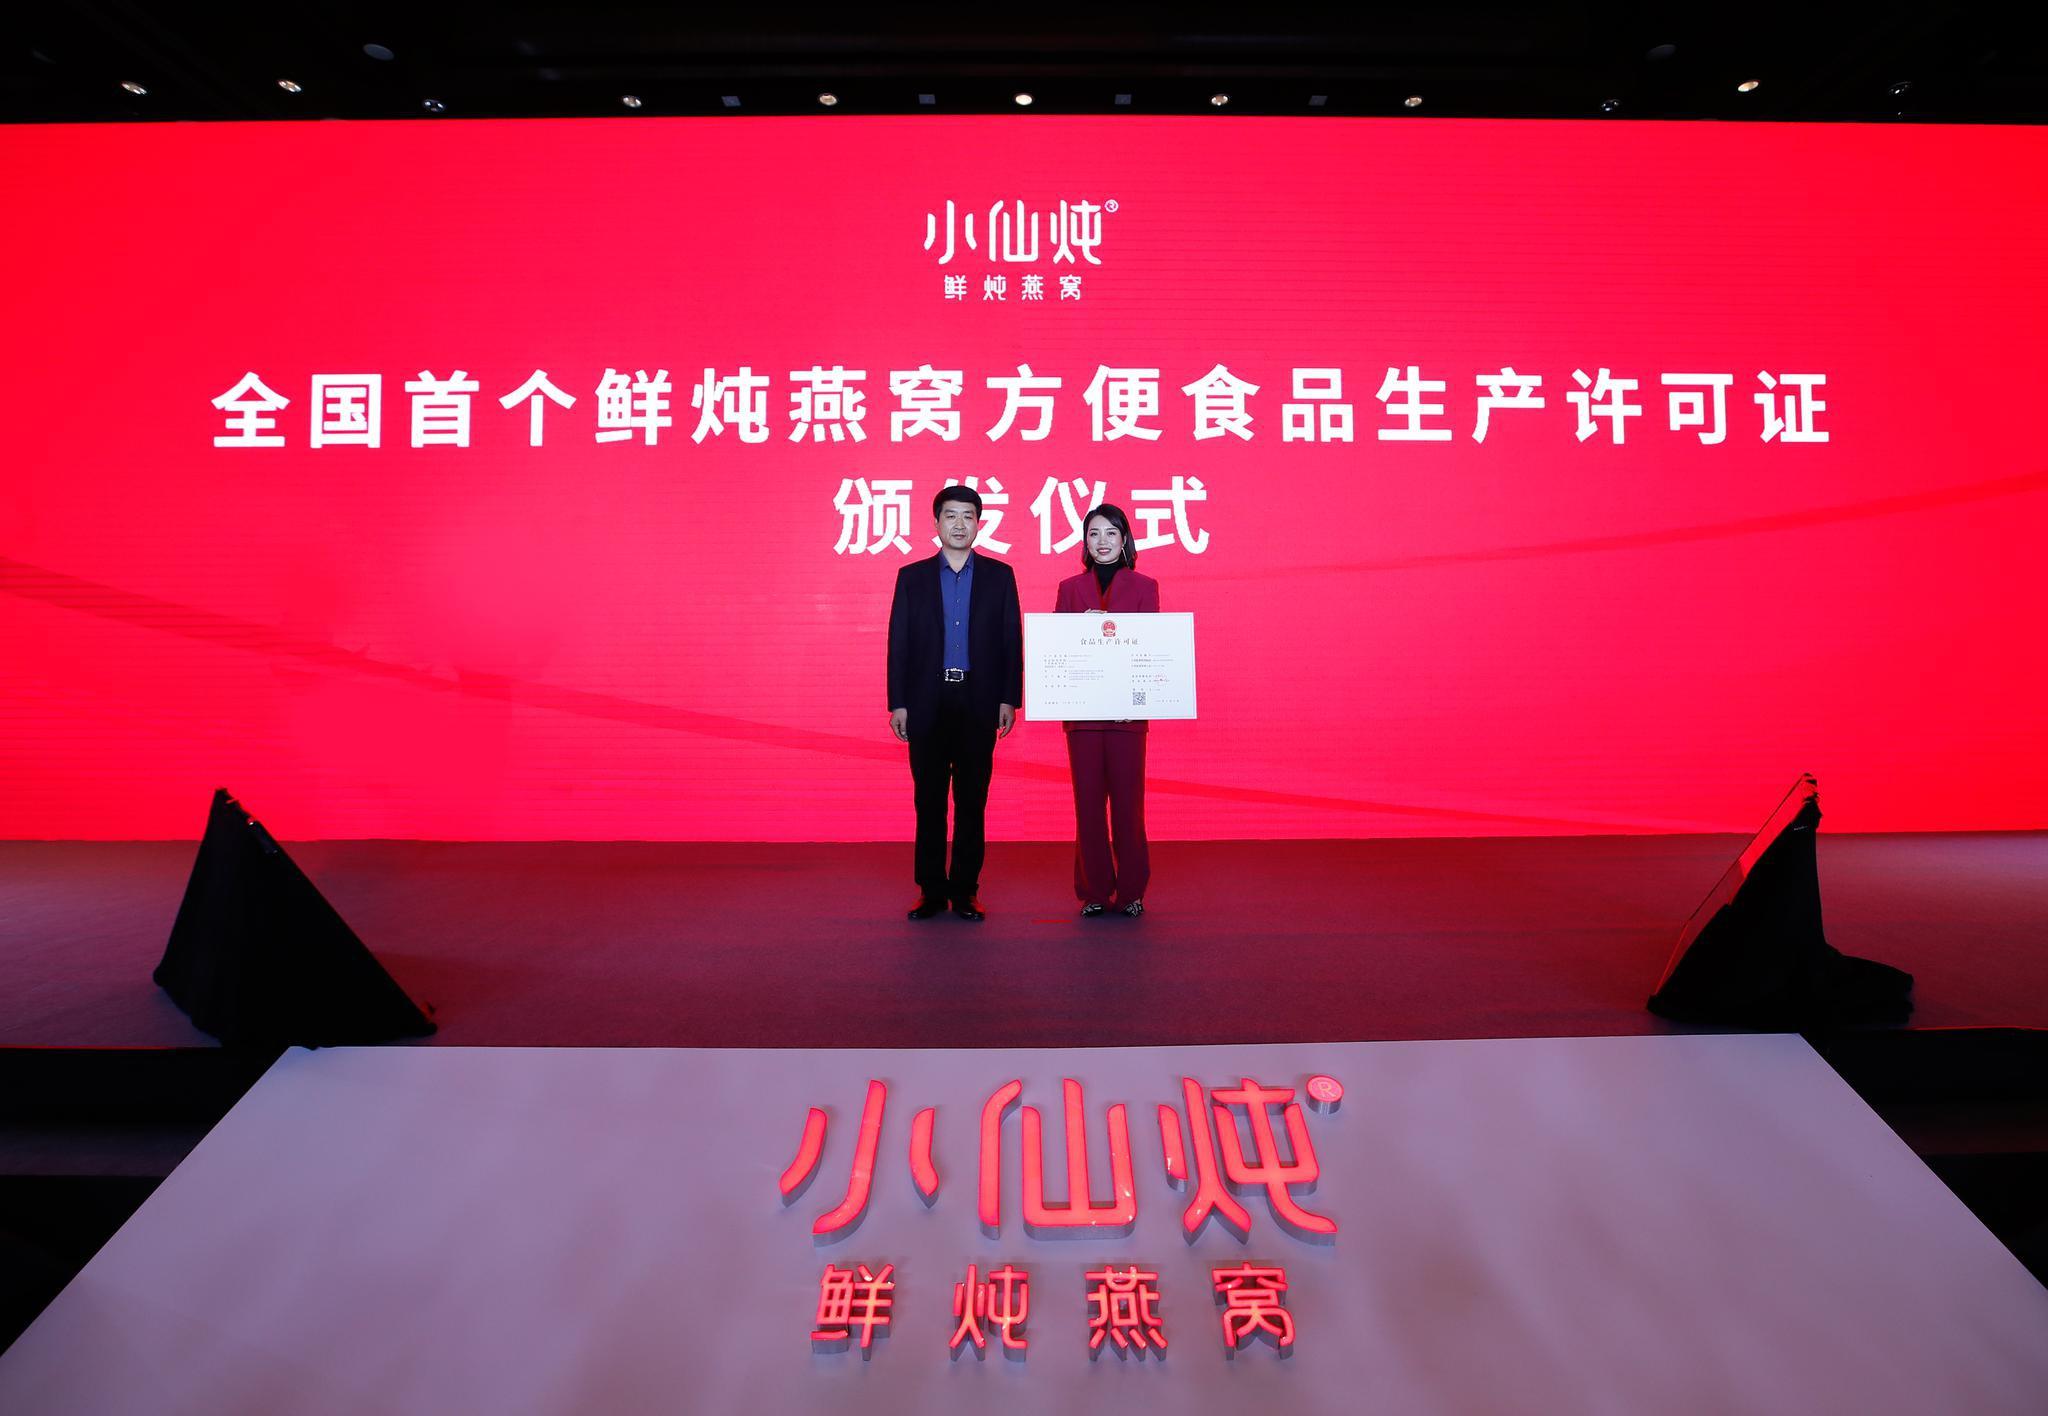 小仙炖获国内首个鲜炖燕窝方便食品生产许可图片